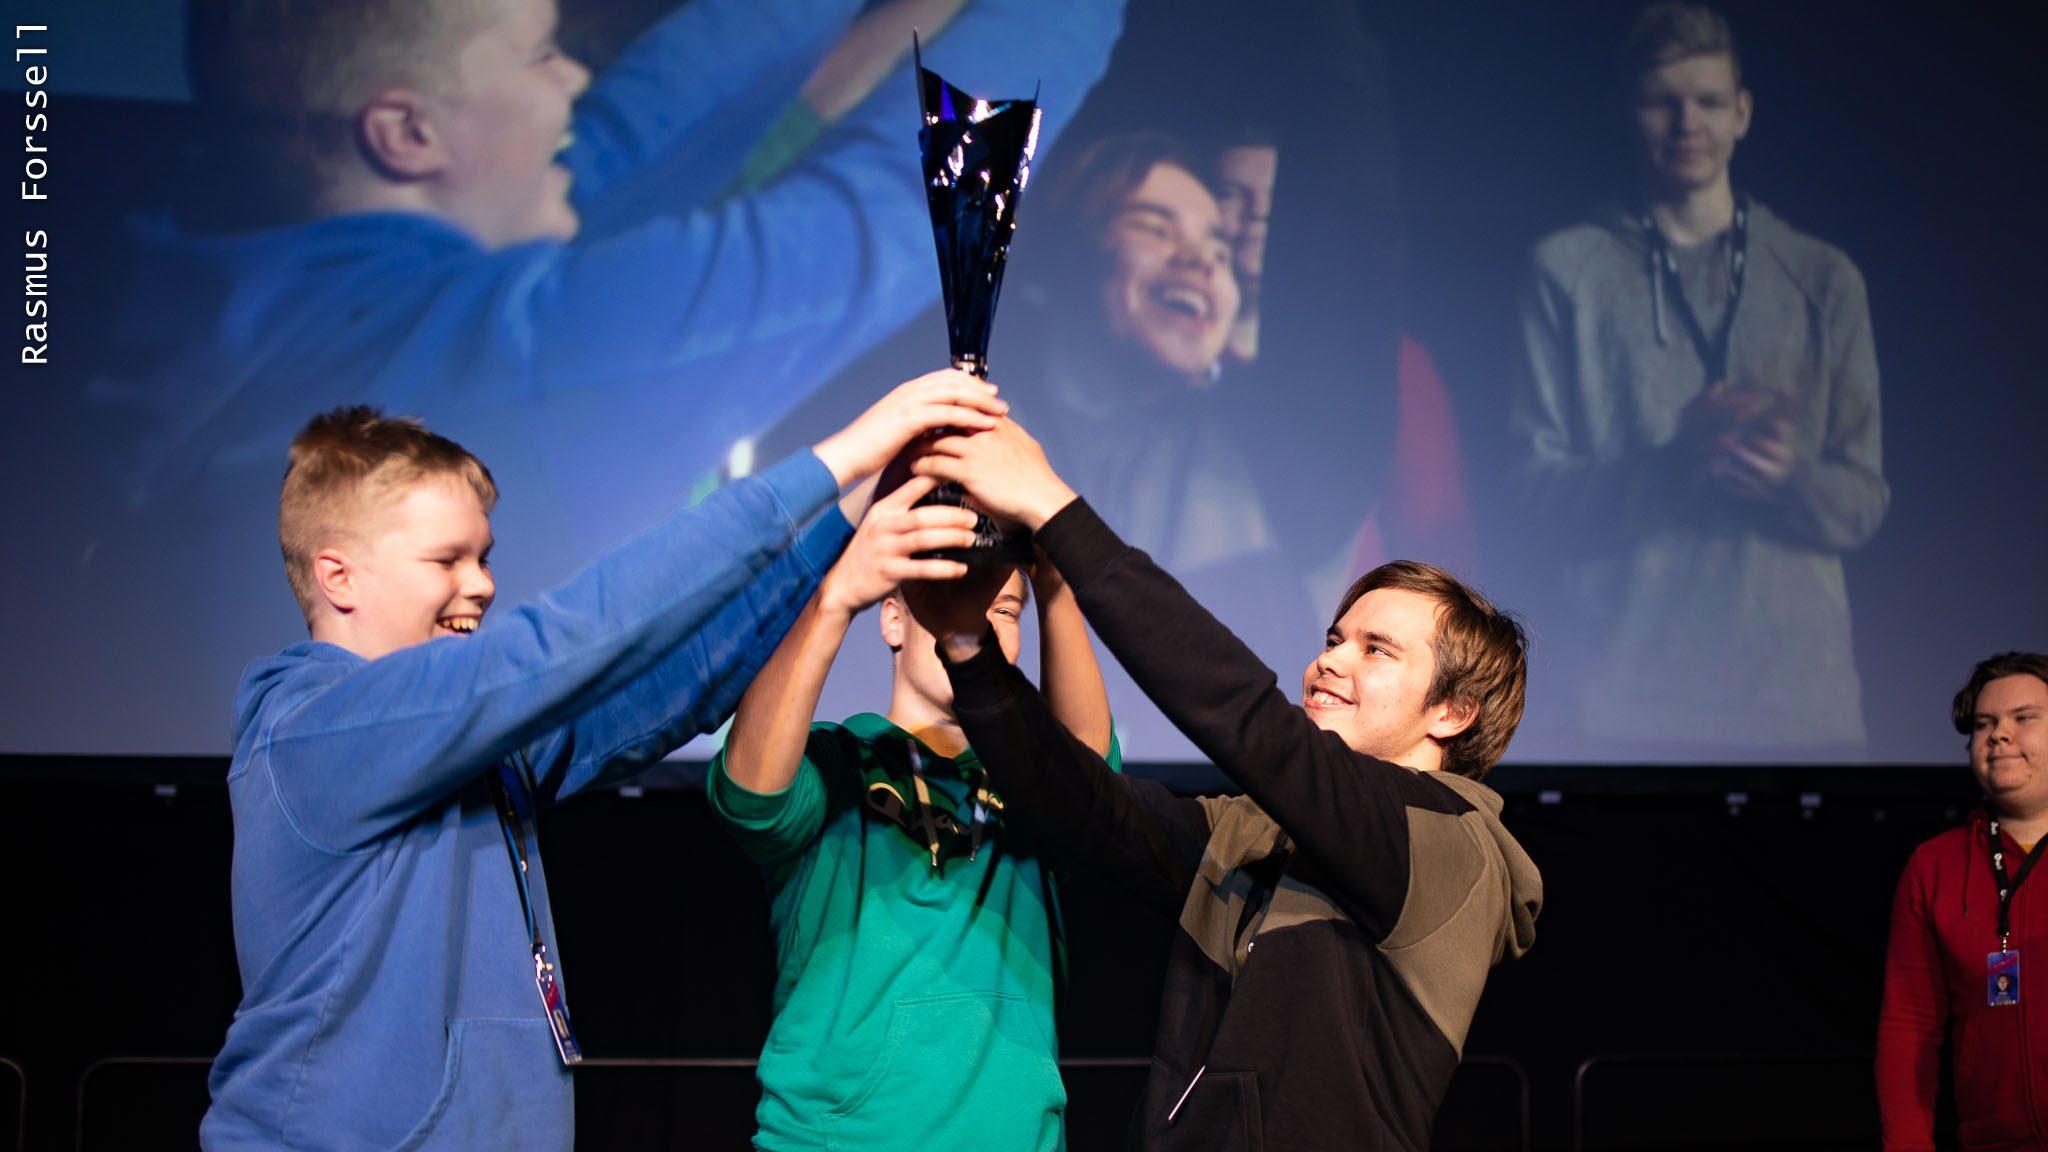 Rocket Leaguen ensimmäinen suomenmestari selvillä – Kasualii voittoon vastoin odotuksia